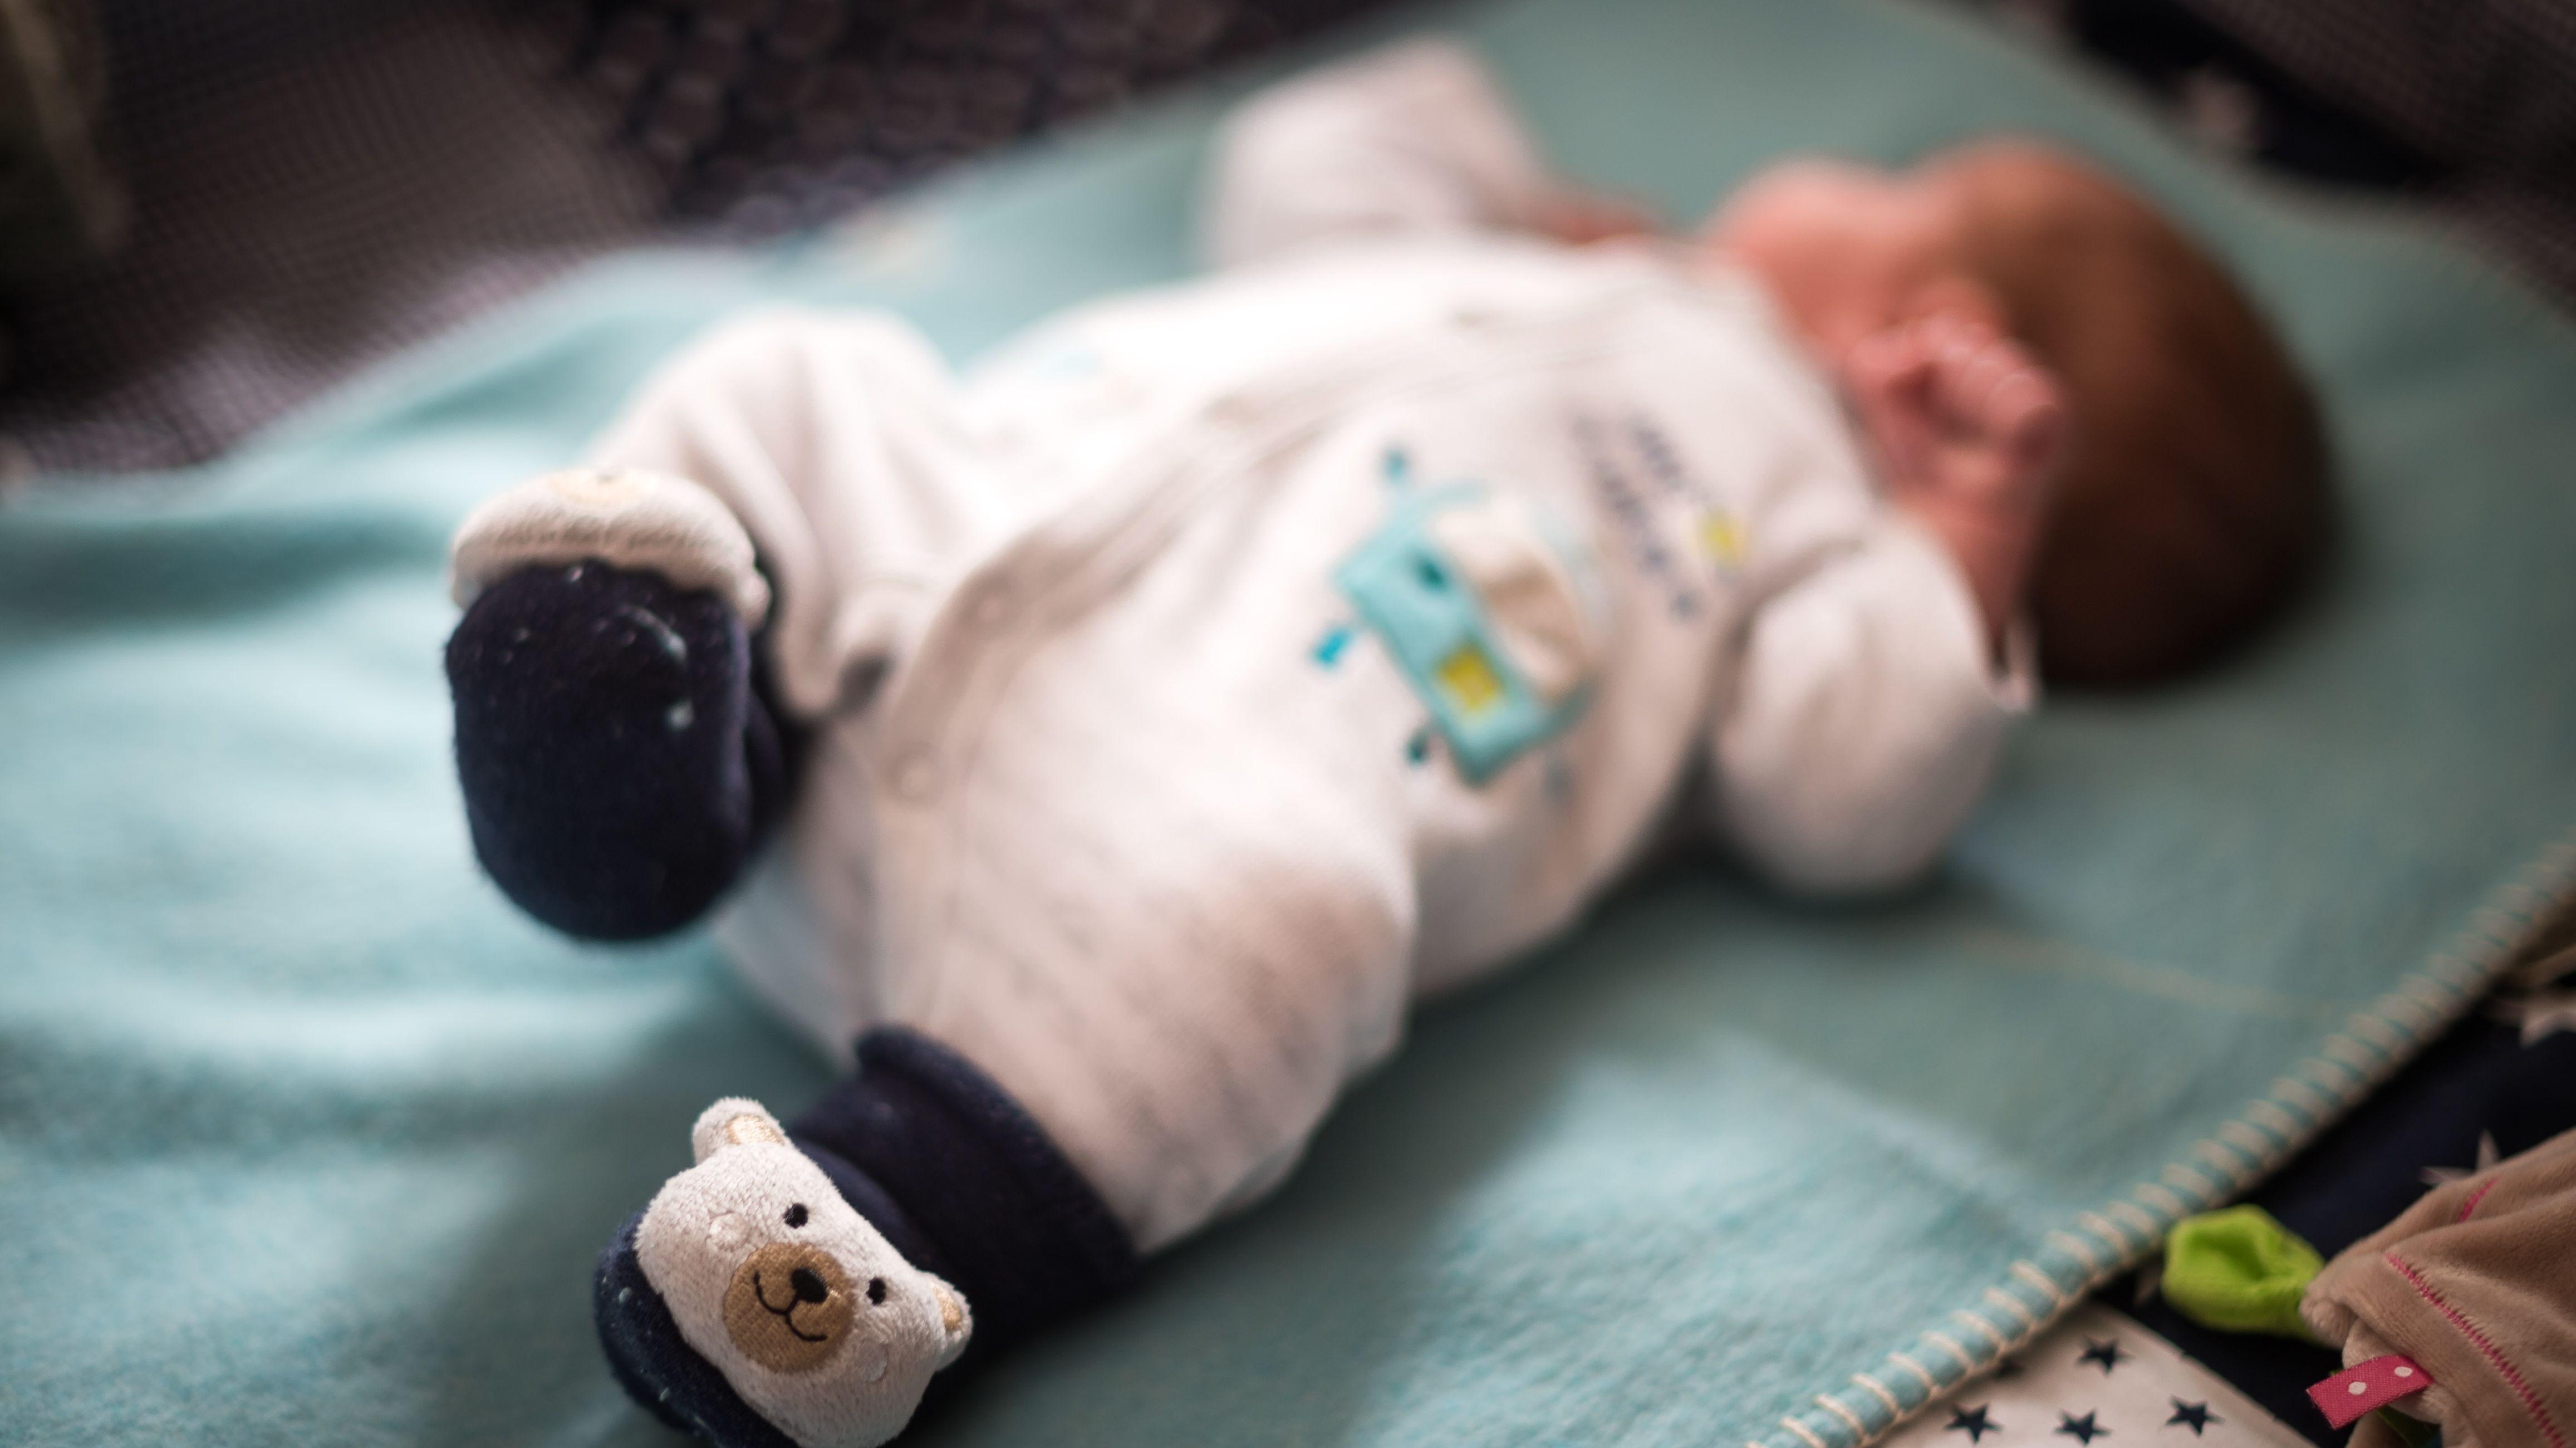 Neugeborenes auf Decke